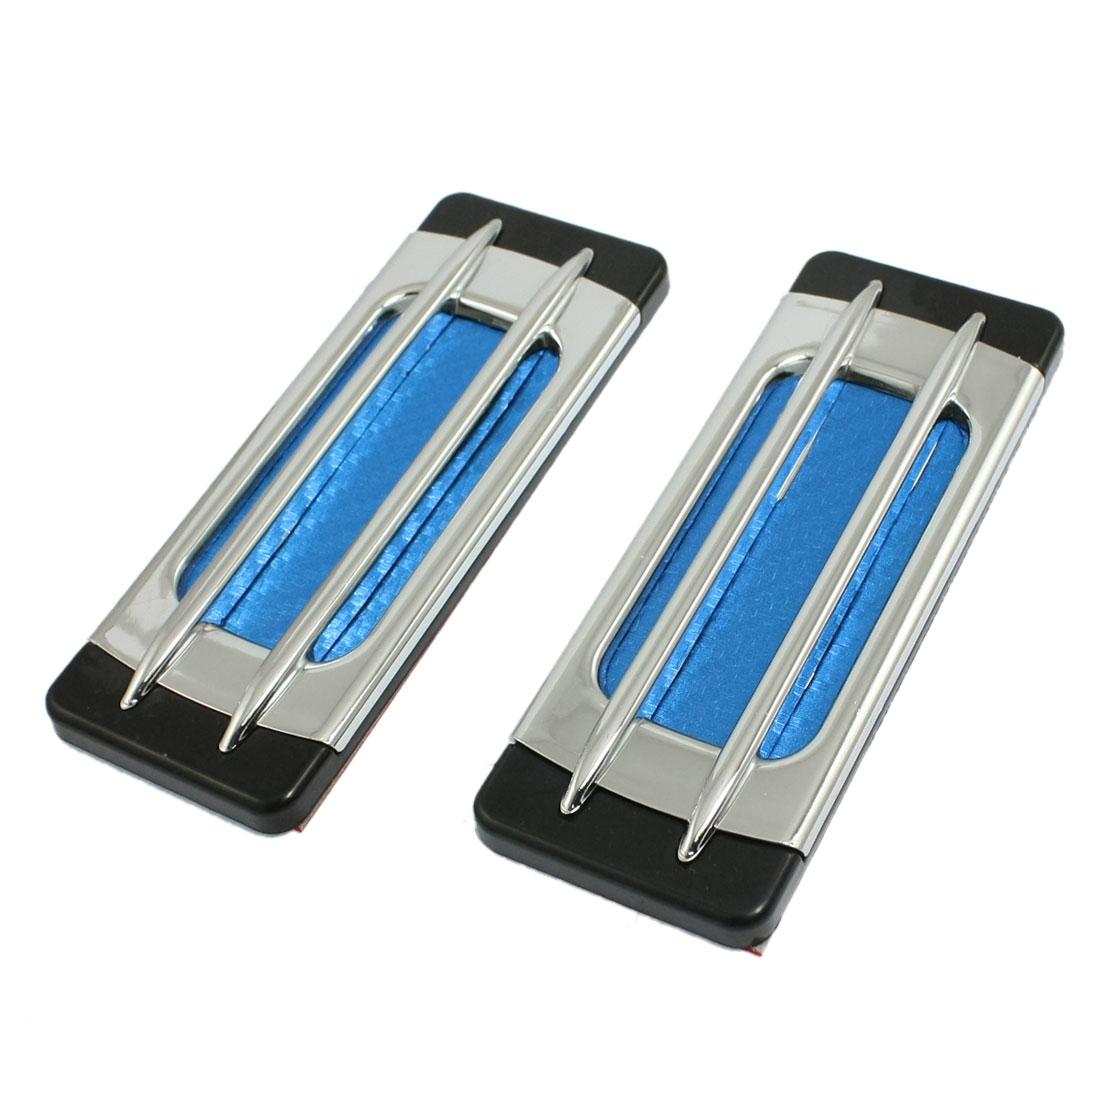 2 Pcs Universal Fit Stick-on Silver Tone Blue Plastic Car Air Flow Vent Fender